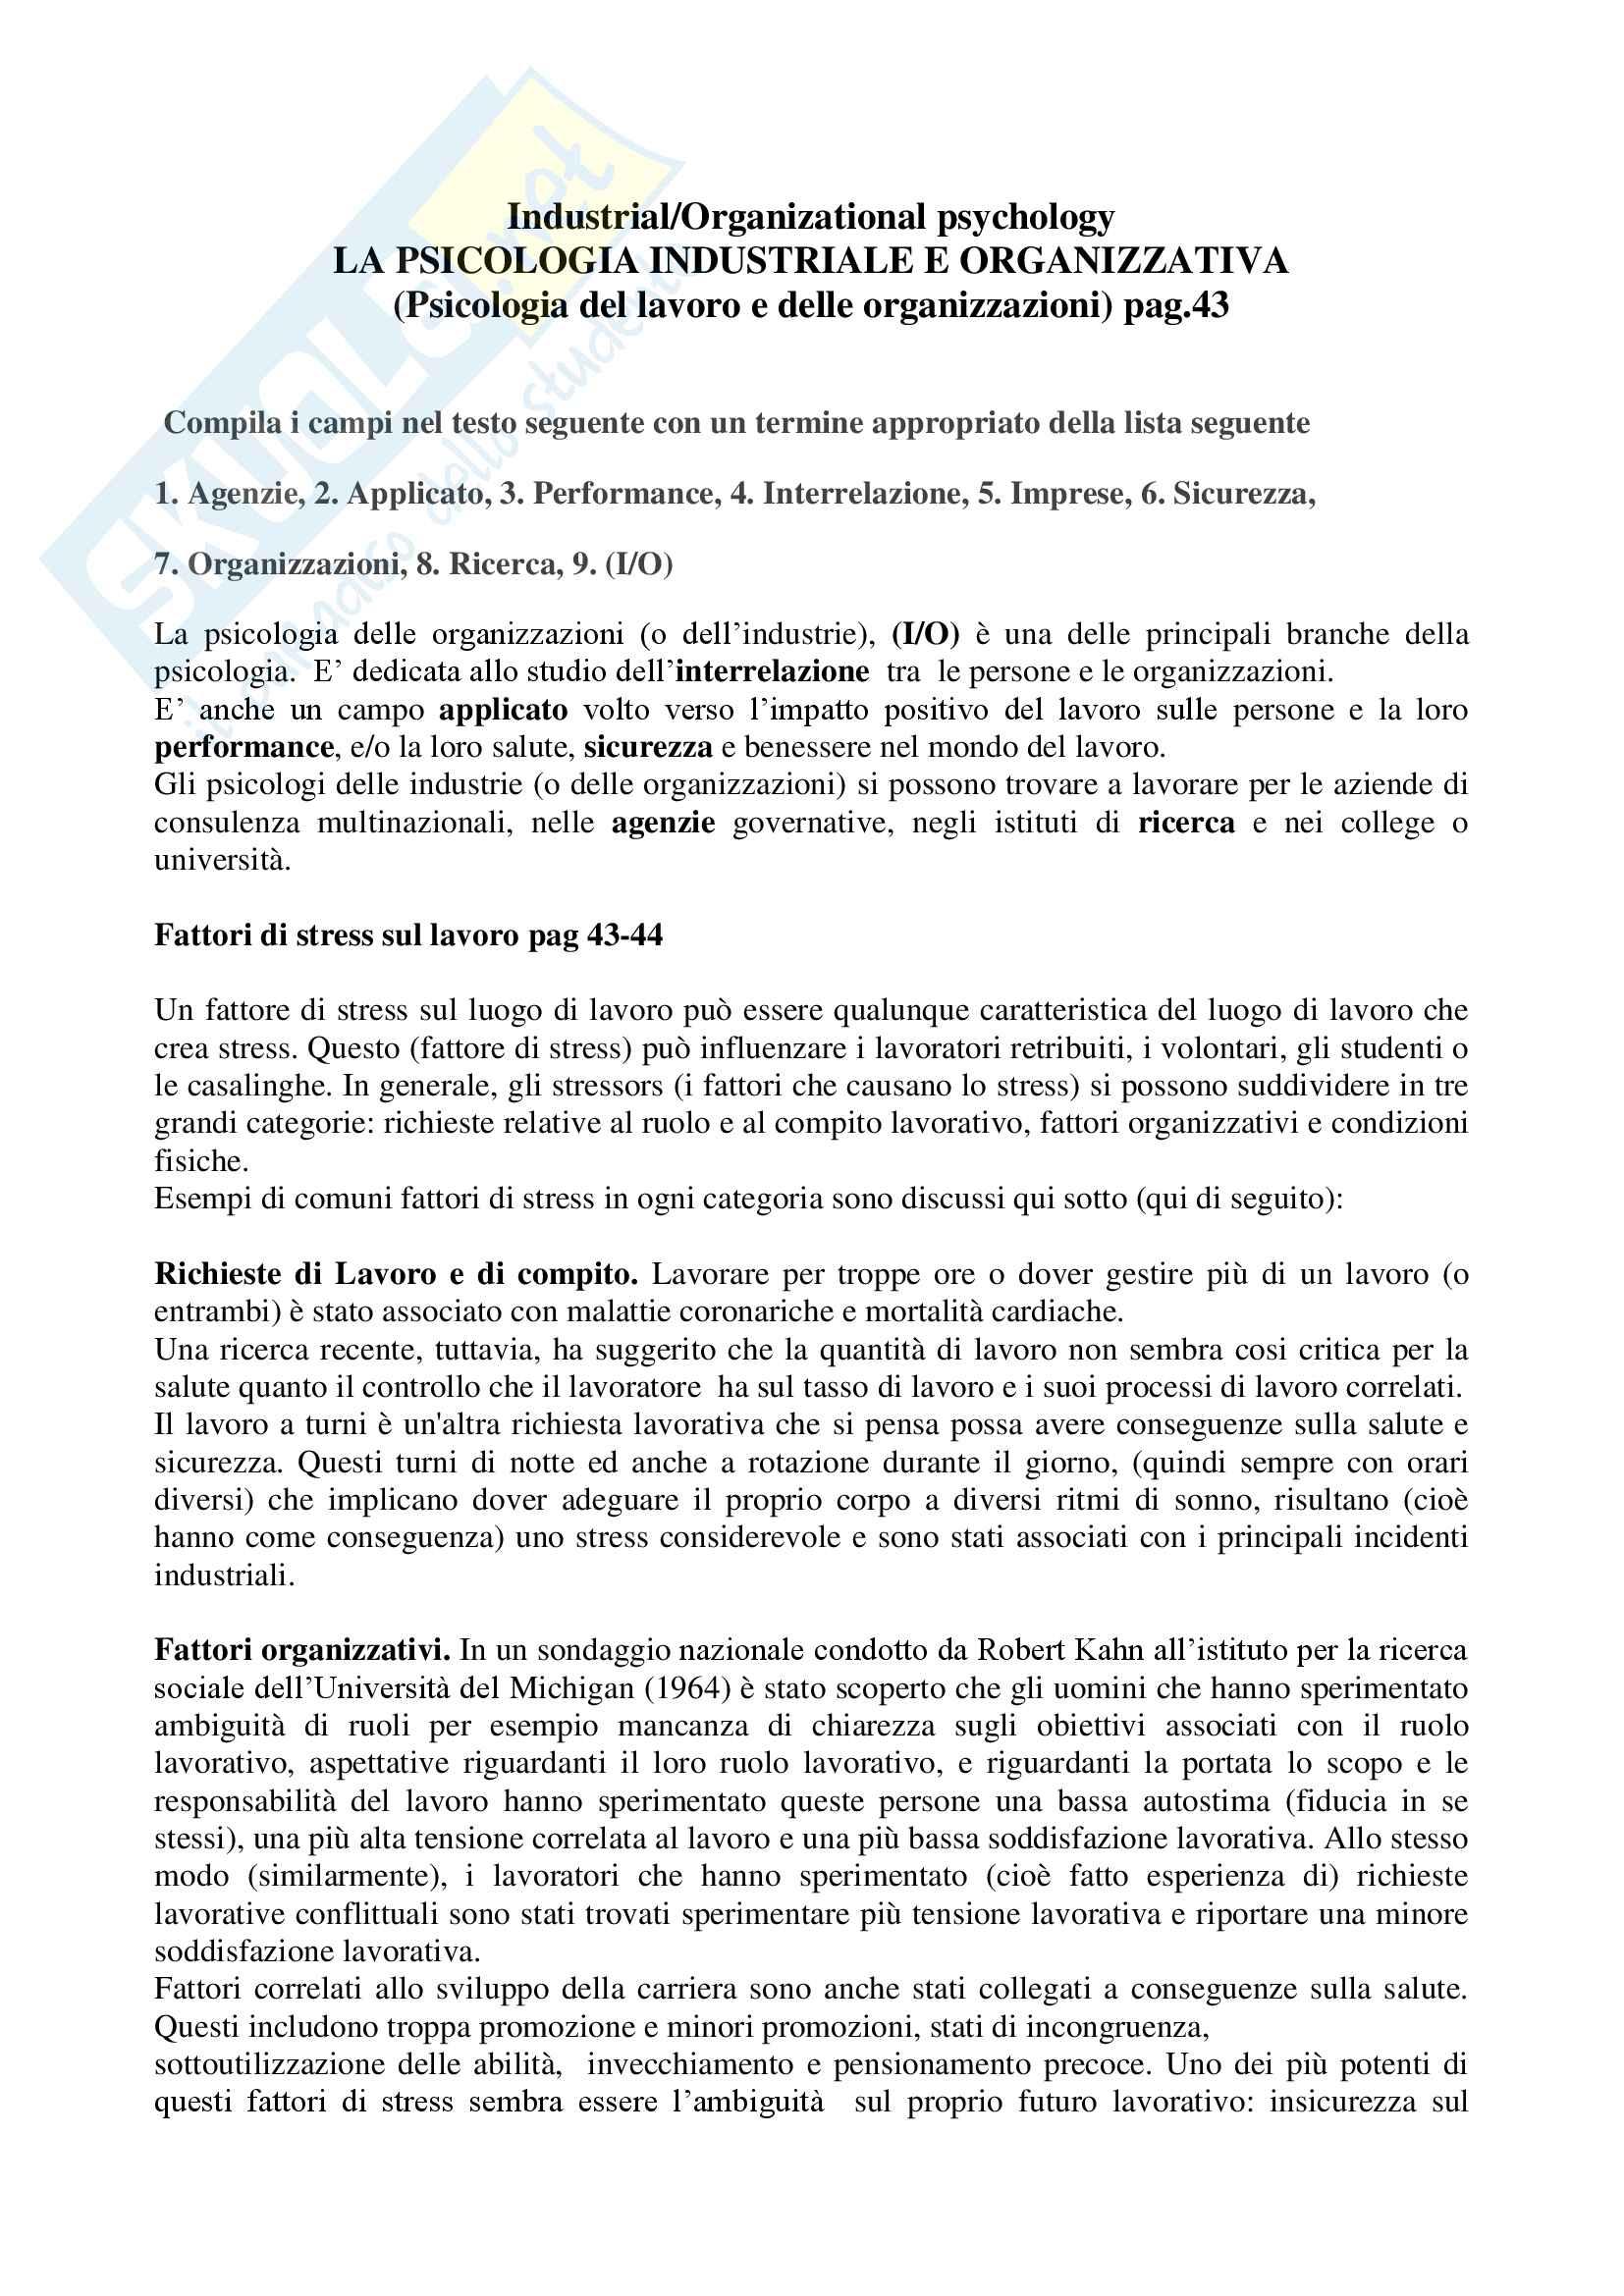 Appunti di Lingua inglese per la psicologia da pag.43 a 67, Prof.ssa Clara Paola Leotta, libro consigliato English for psychological studies Simona Porro